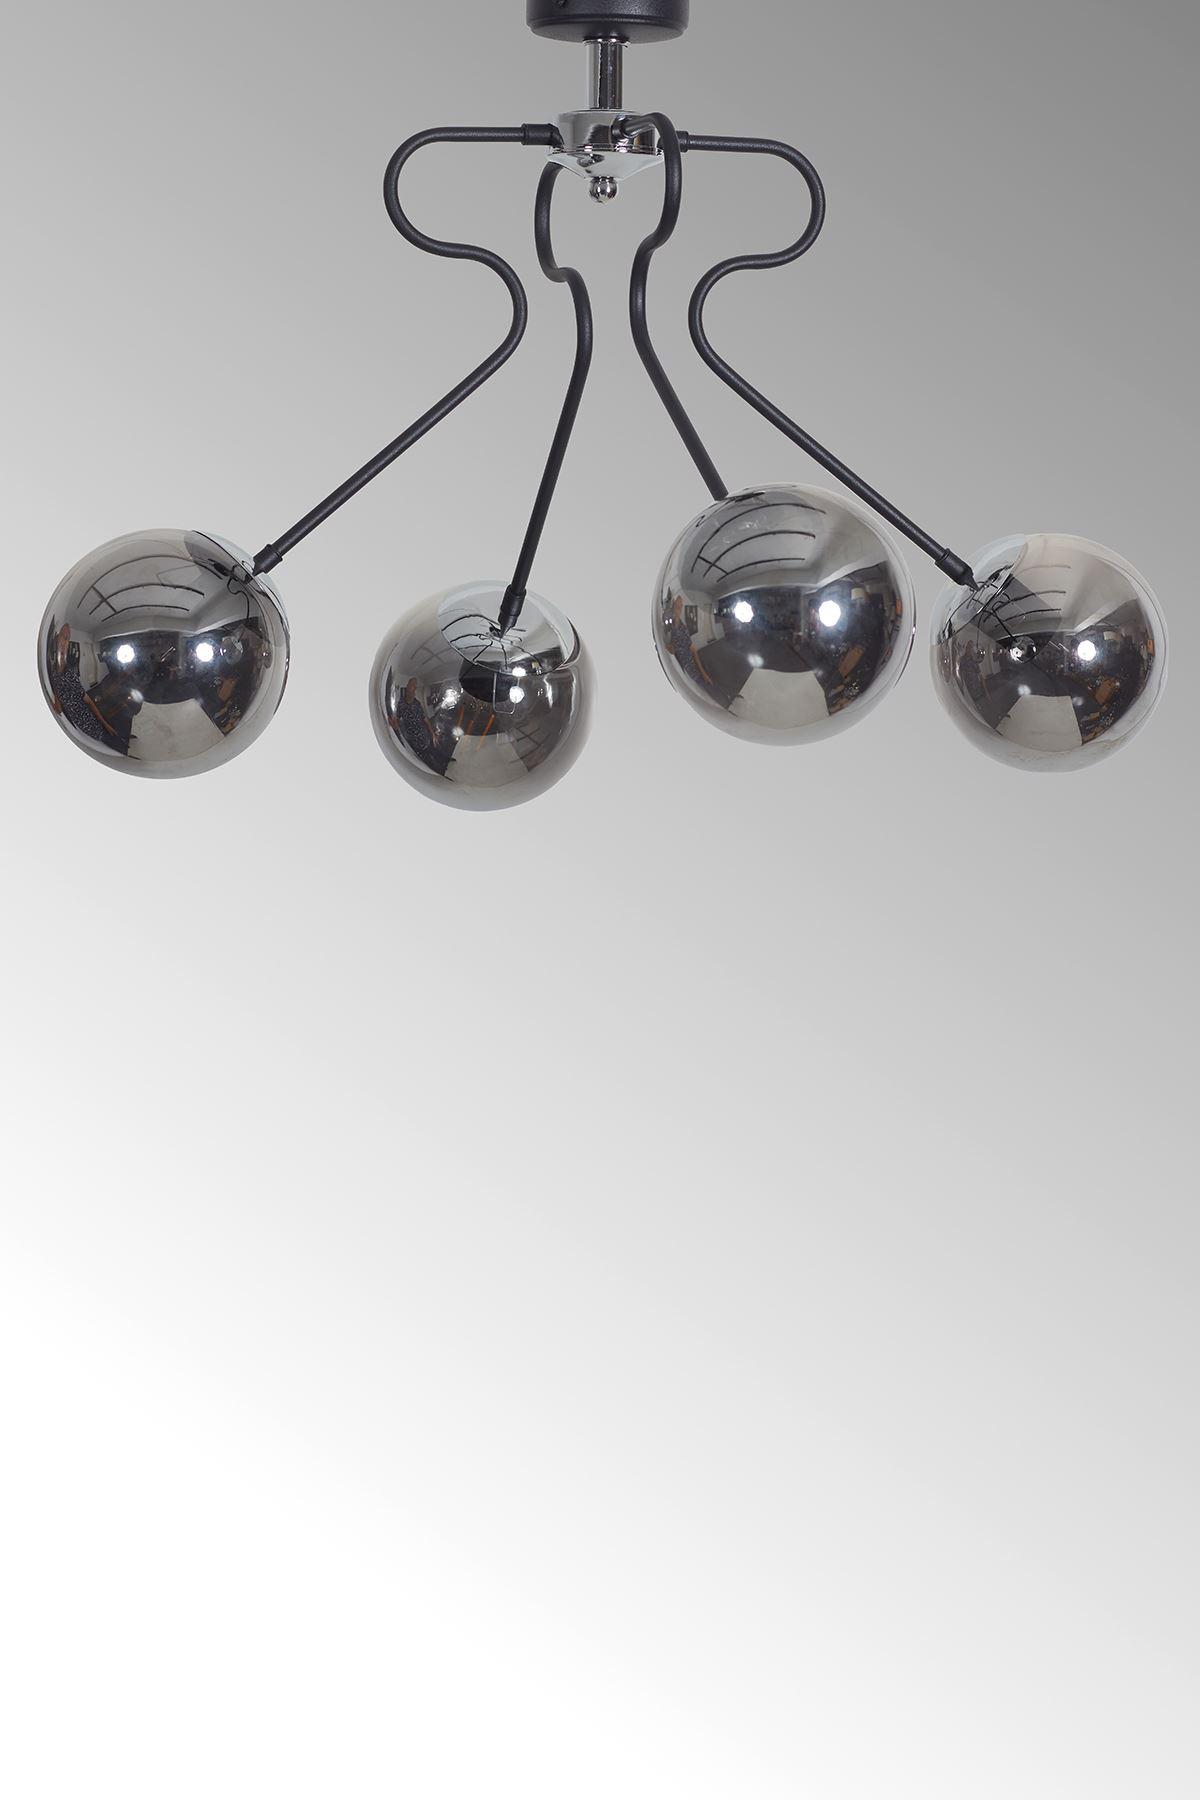 Dominik 4 Lü Siyah Kollu-Krom Metal Gövde Füme Rengi Camlı Tasarım Lüx  Avize